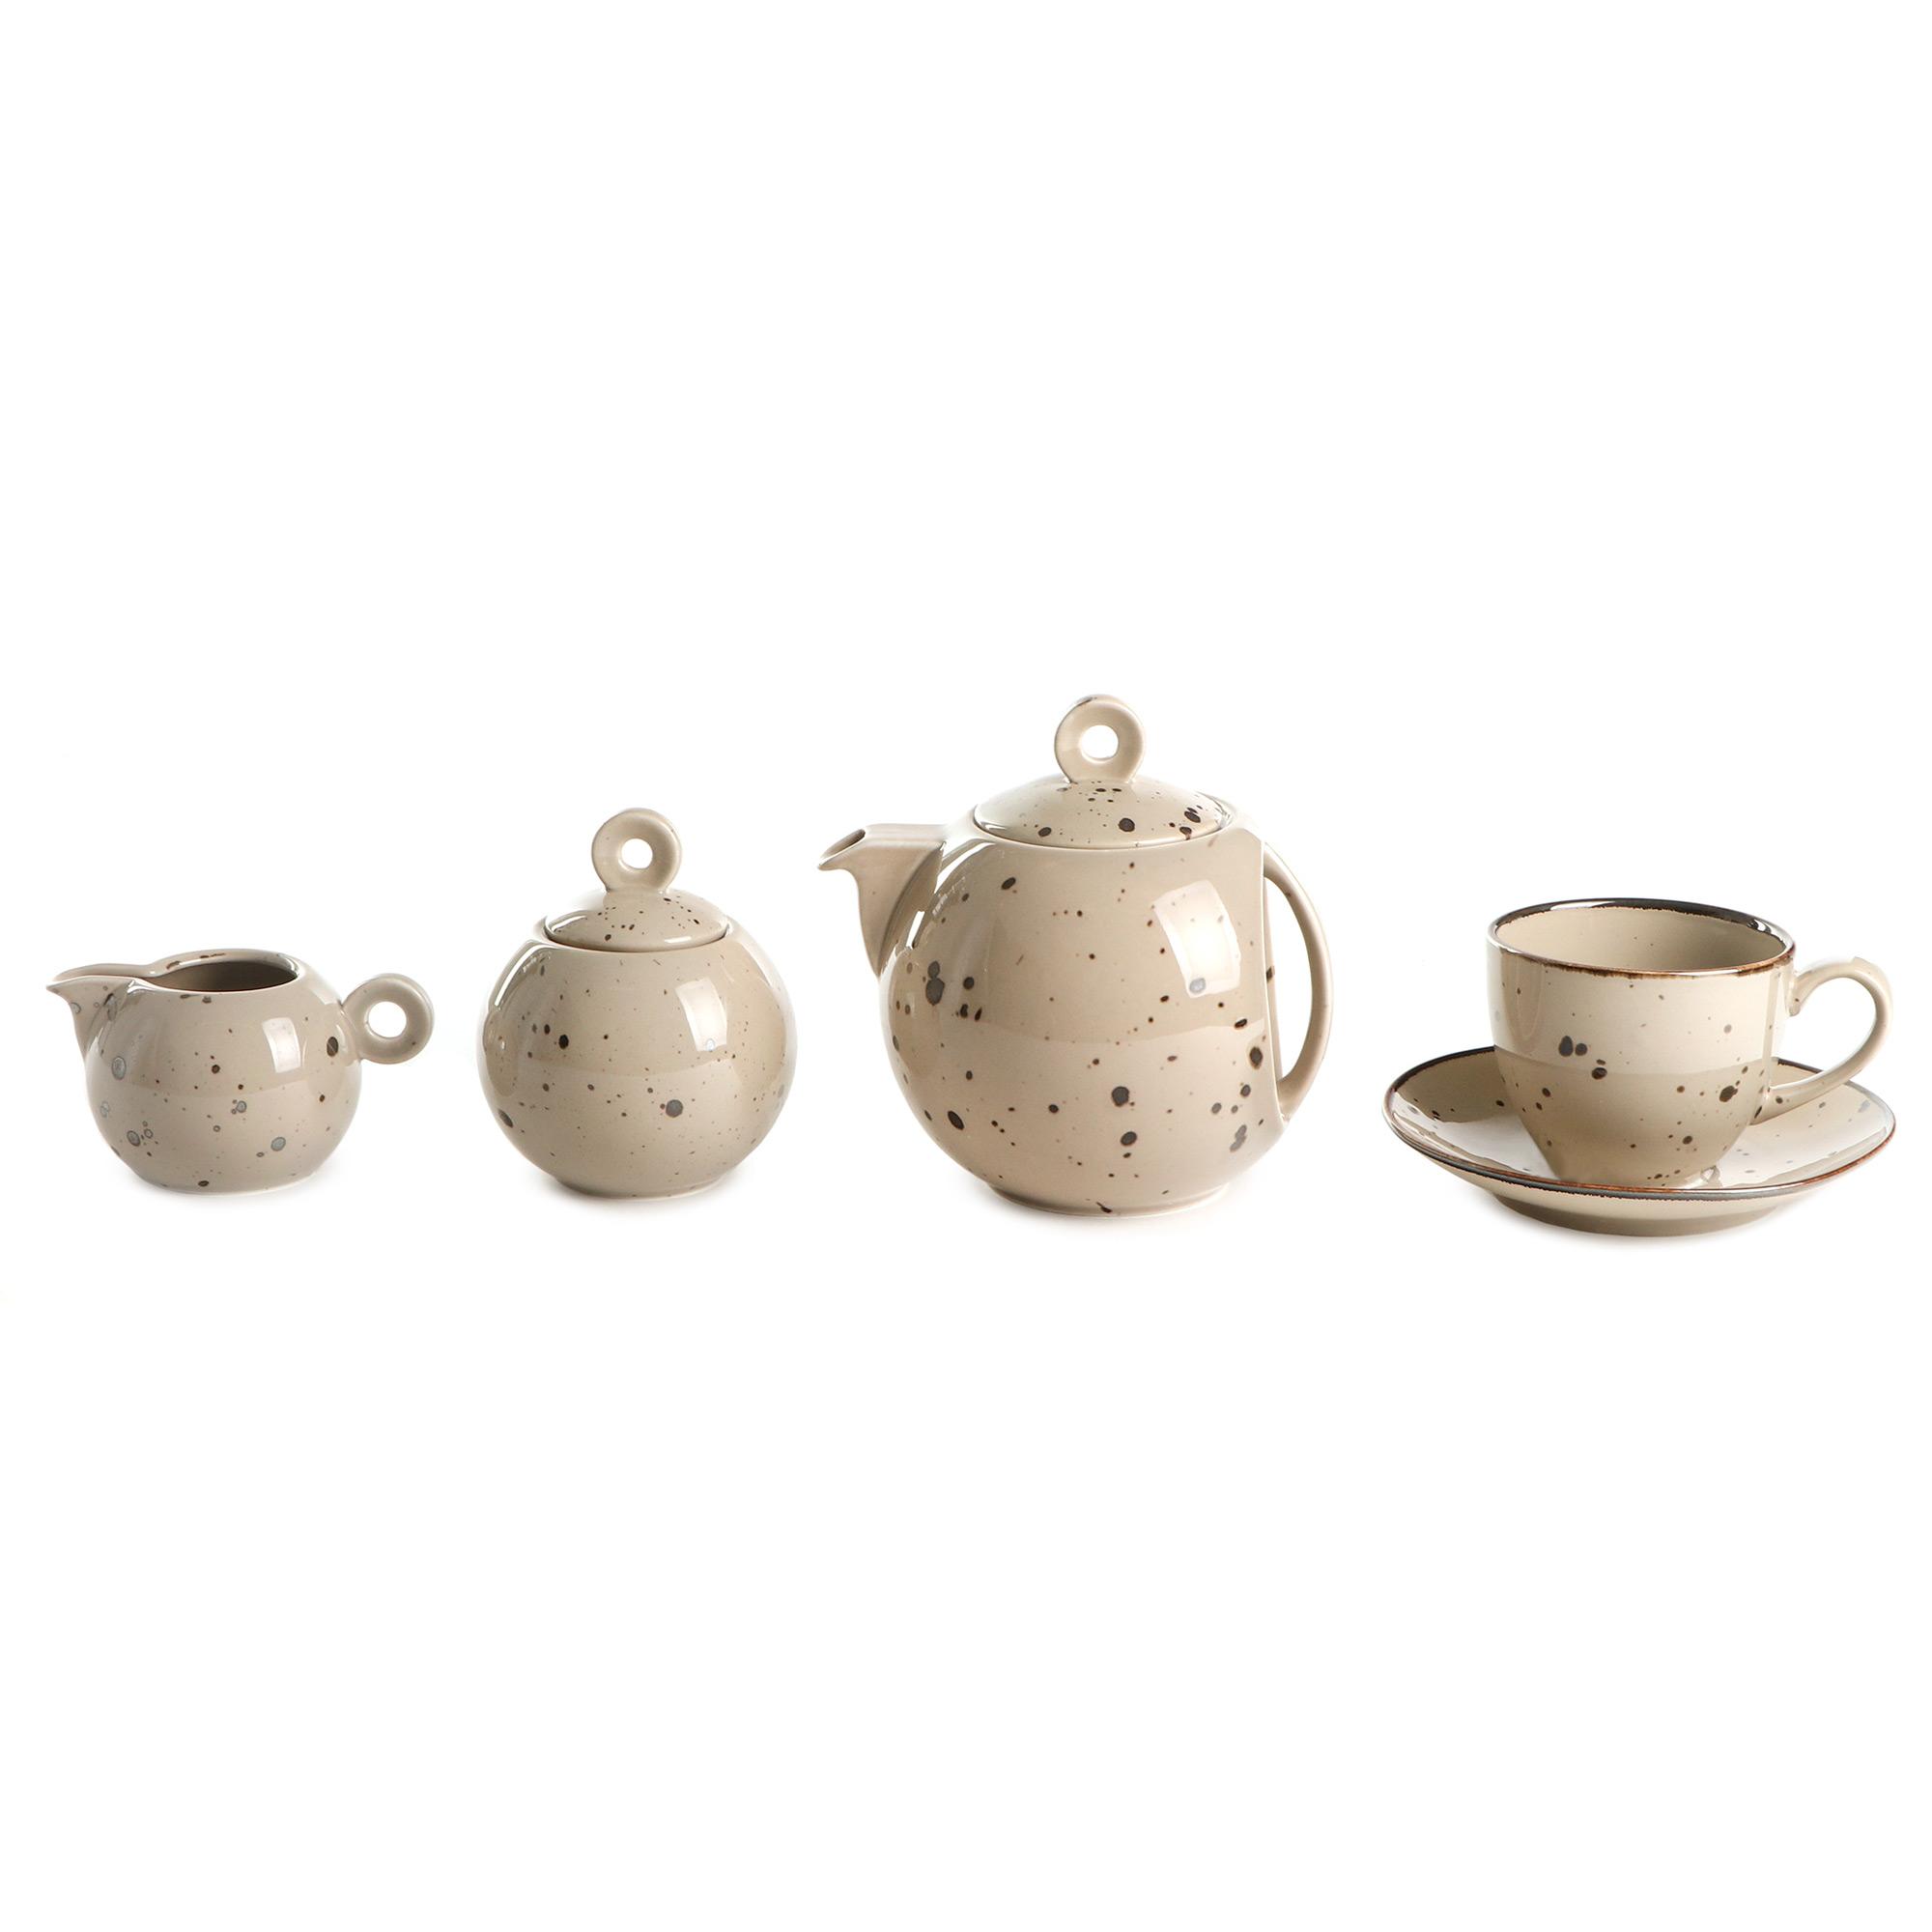 Сервиз чайный Top Art Коттедж Браун 15 предметов